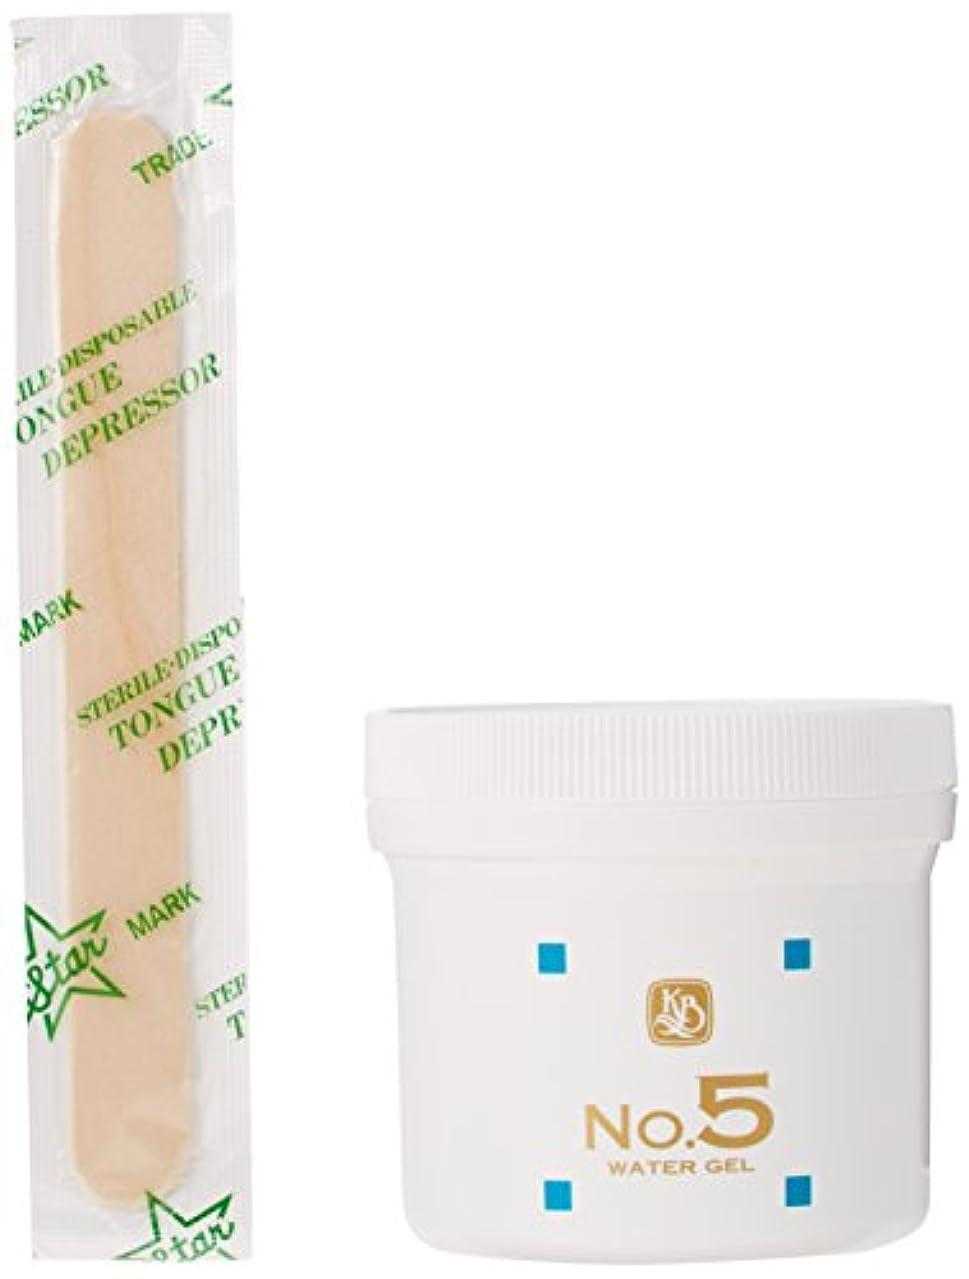 ラテン学部摂動顔を洗う水 No.5 ウォーターゲル 保湿パック 250g